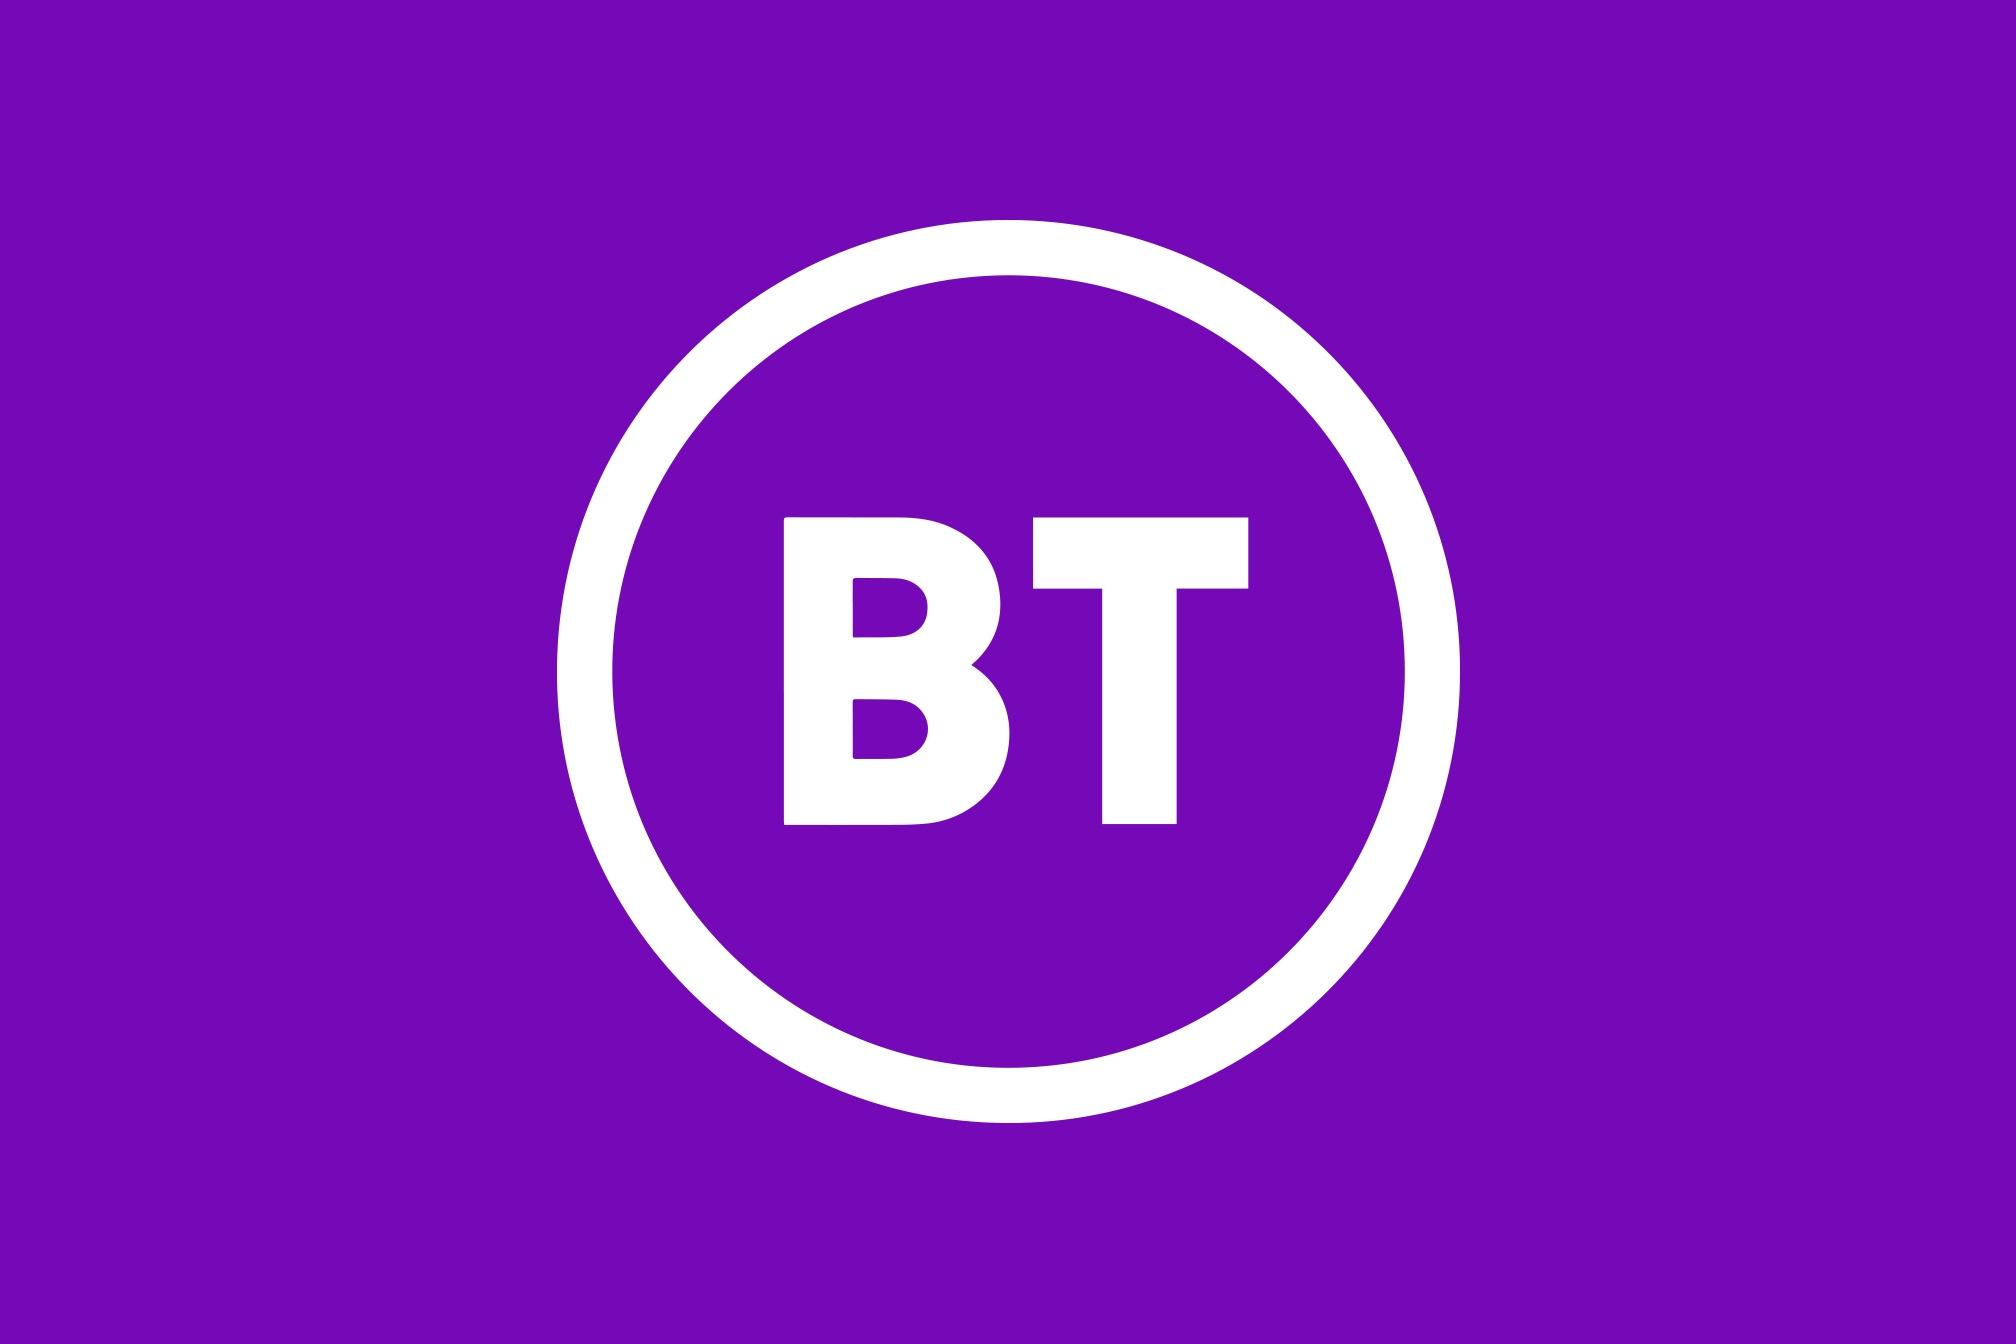 Bt Assembly Web Post